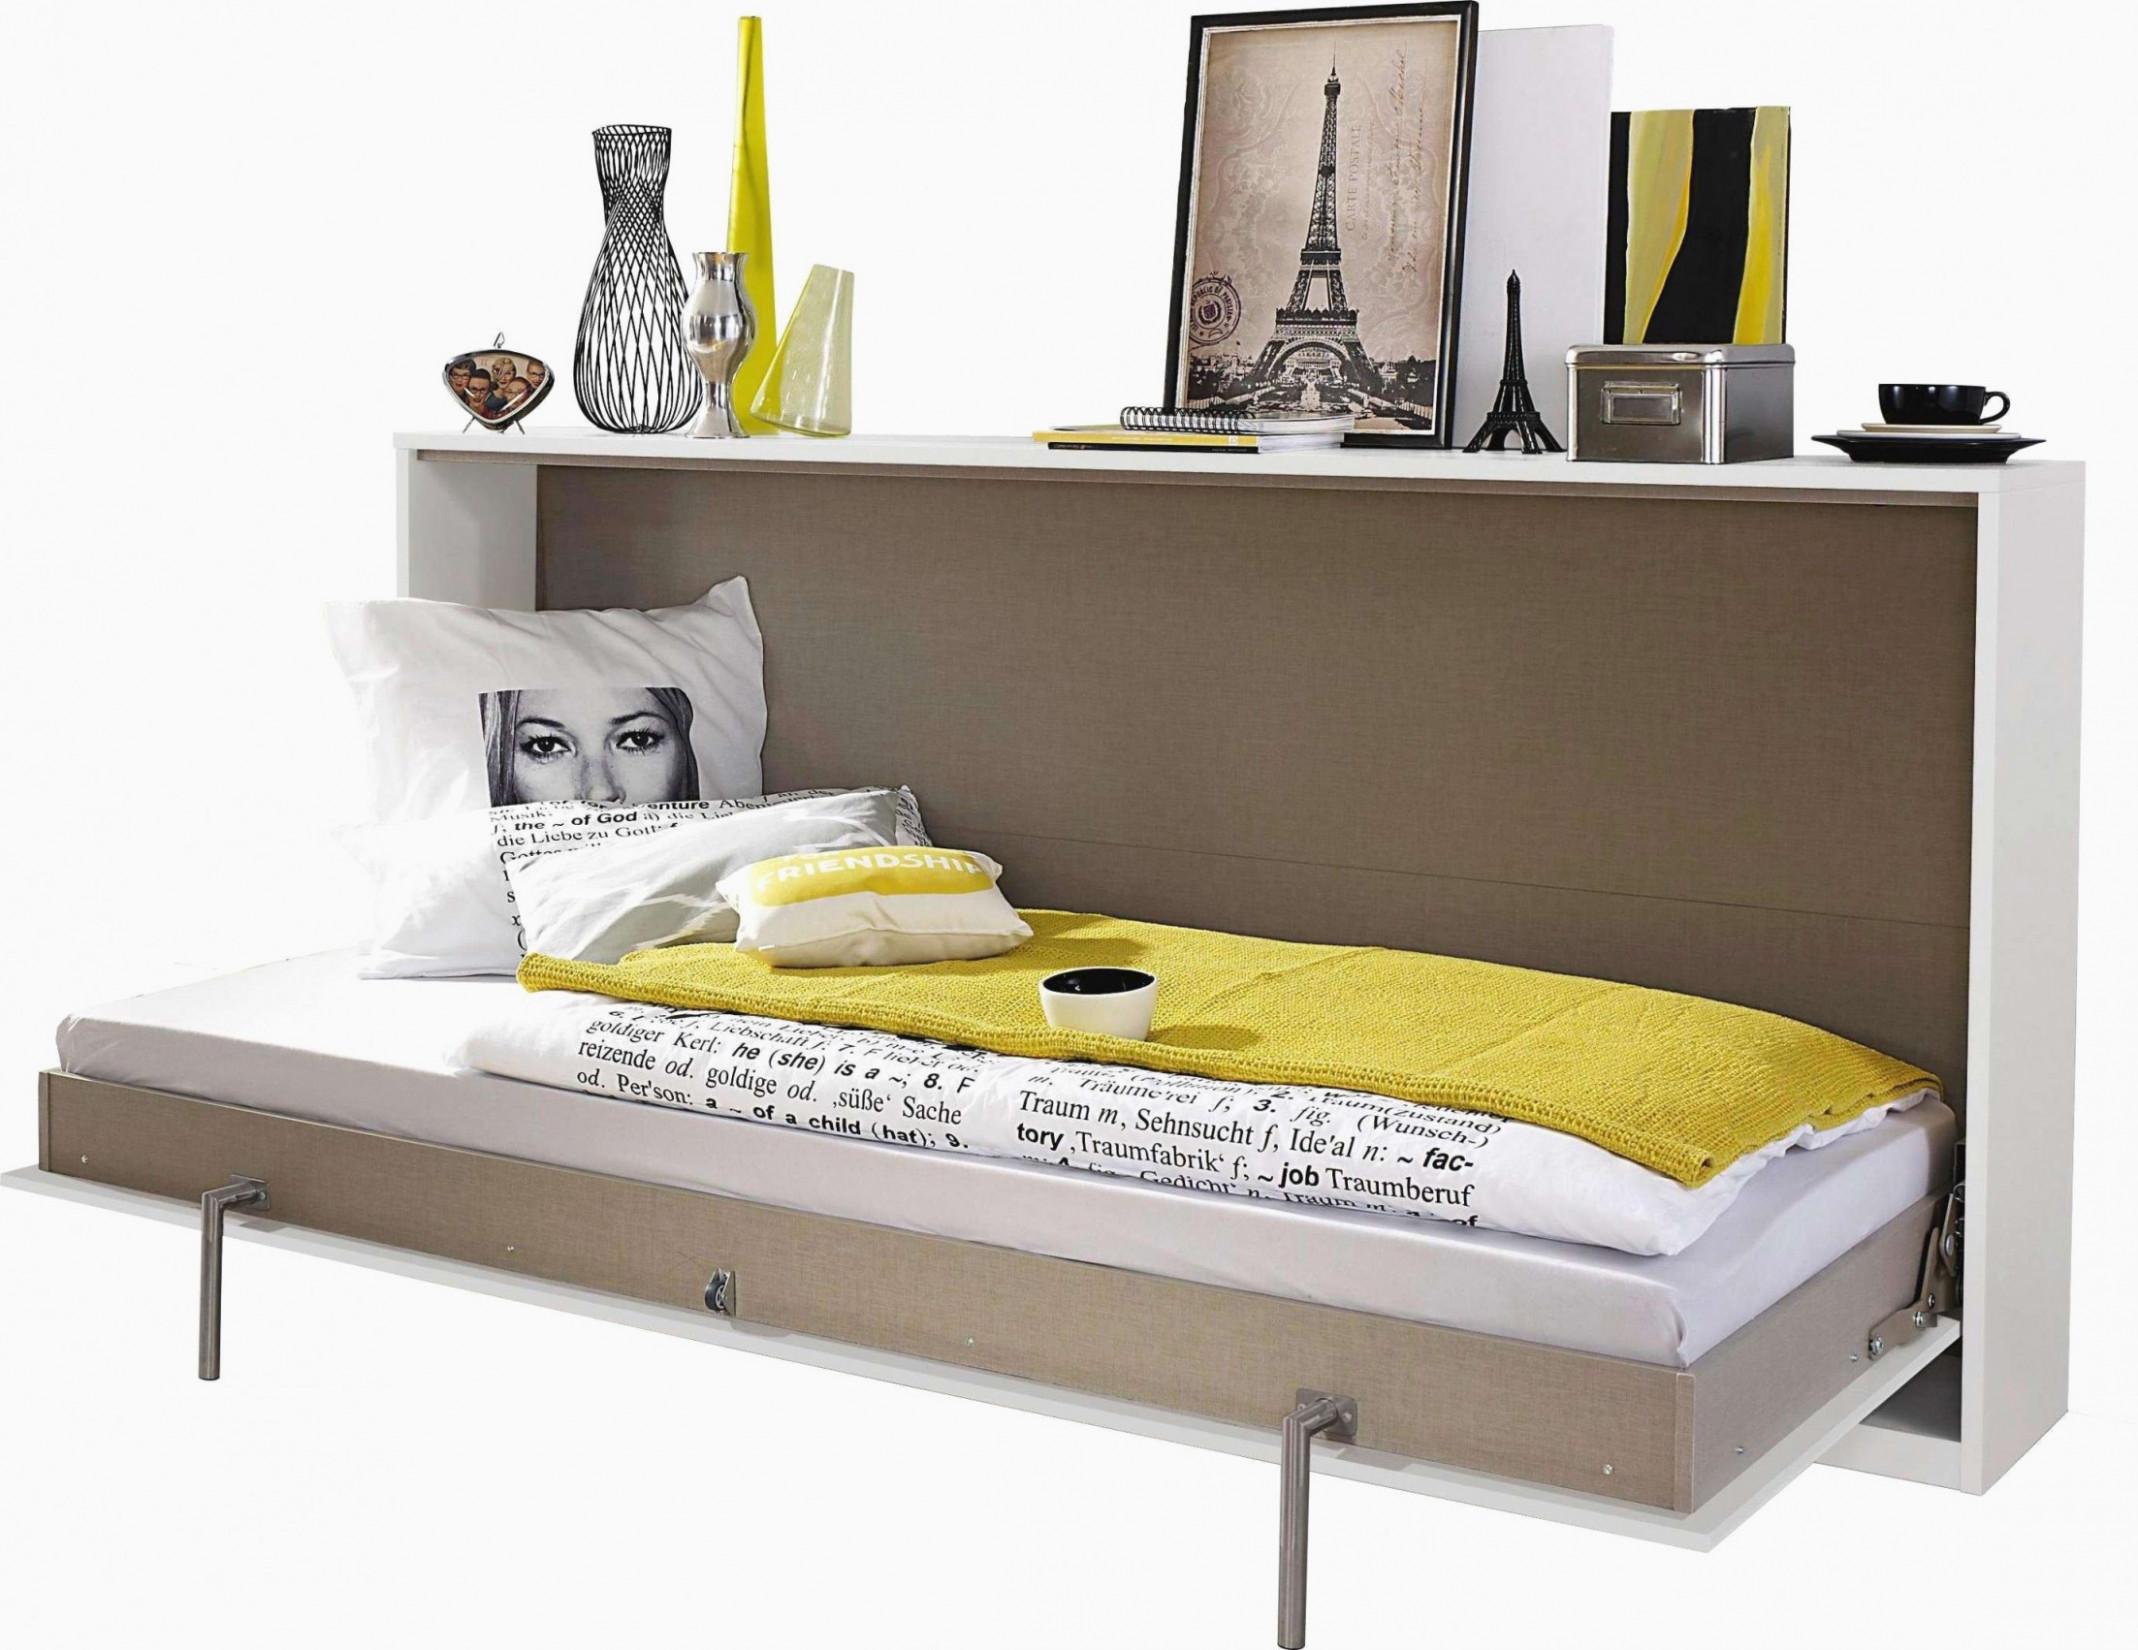 Full Size of Raffrollo Küche Ikea Kosten Sofa Mit Schlaffunktion Kaufen Modulküche Betten Bei Miniküche 160x200 Wohnzimmer Raffrollo Ikea